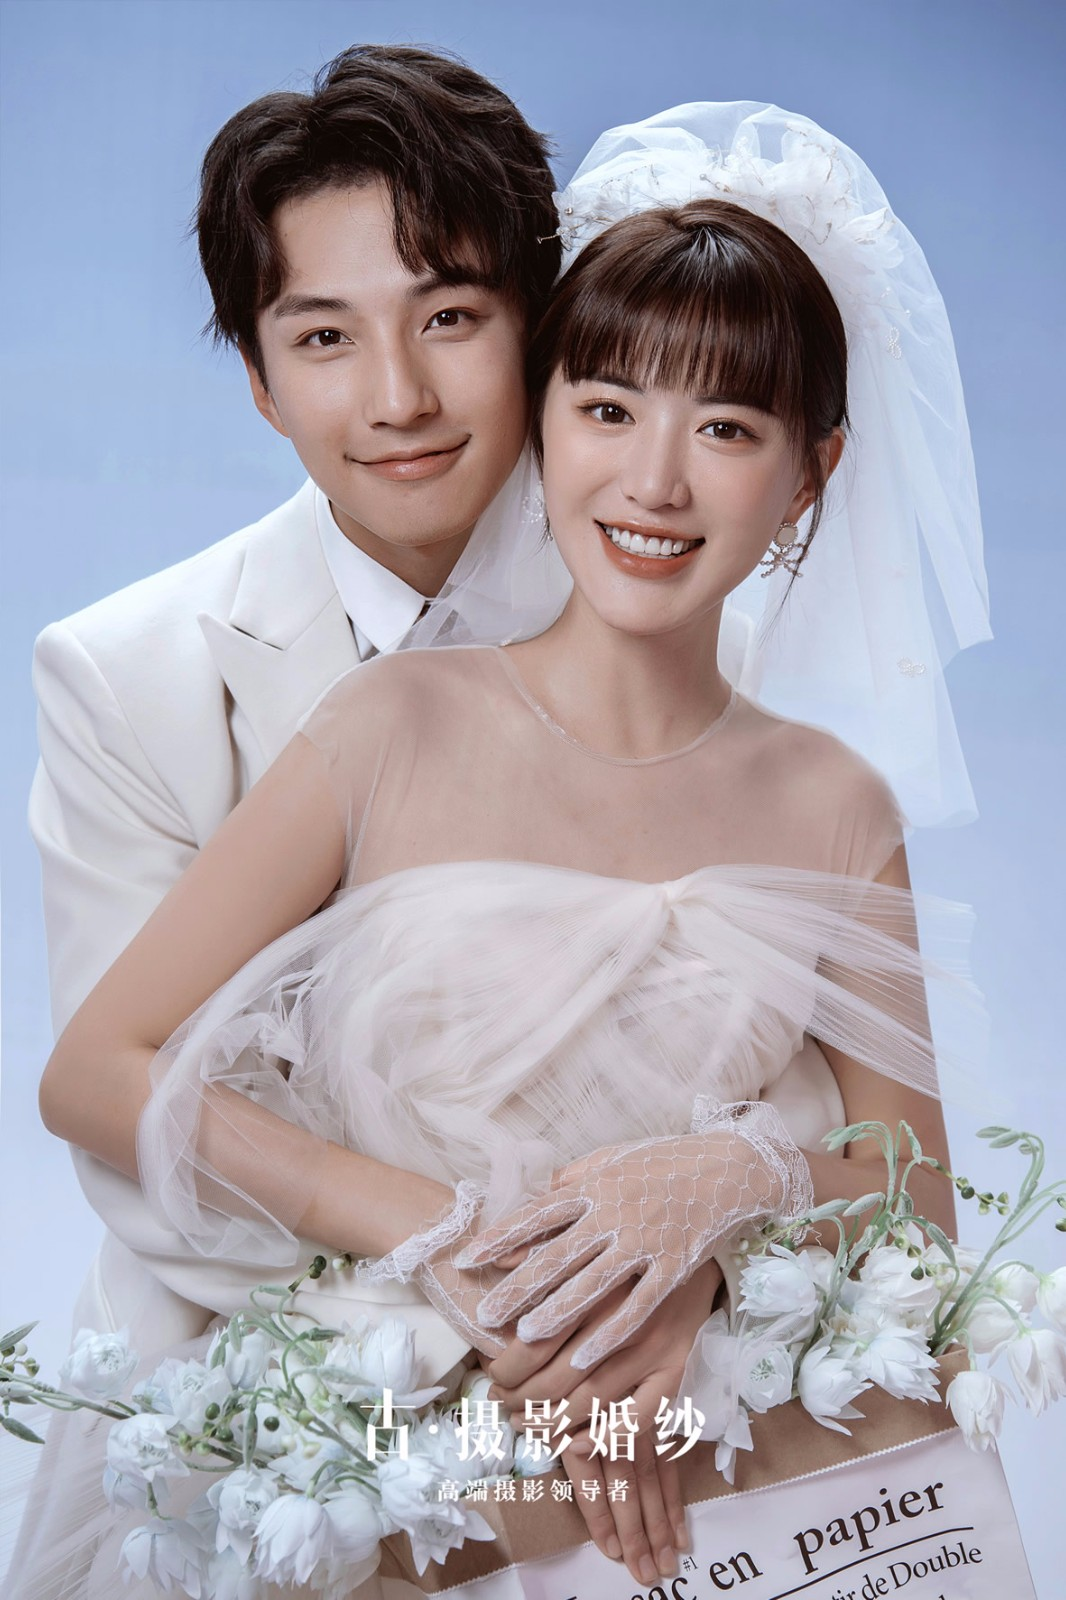 心情好又暖 - 明星范 - 古摄影婚纱艺术-古摄影成都婚纱摄影艺术摄影网